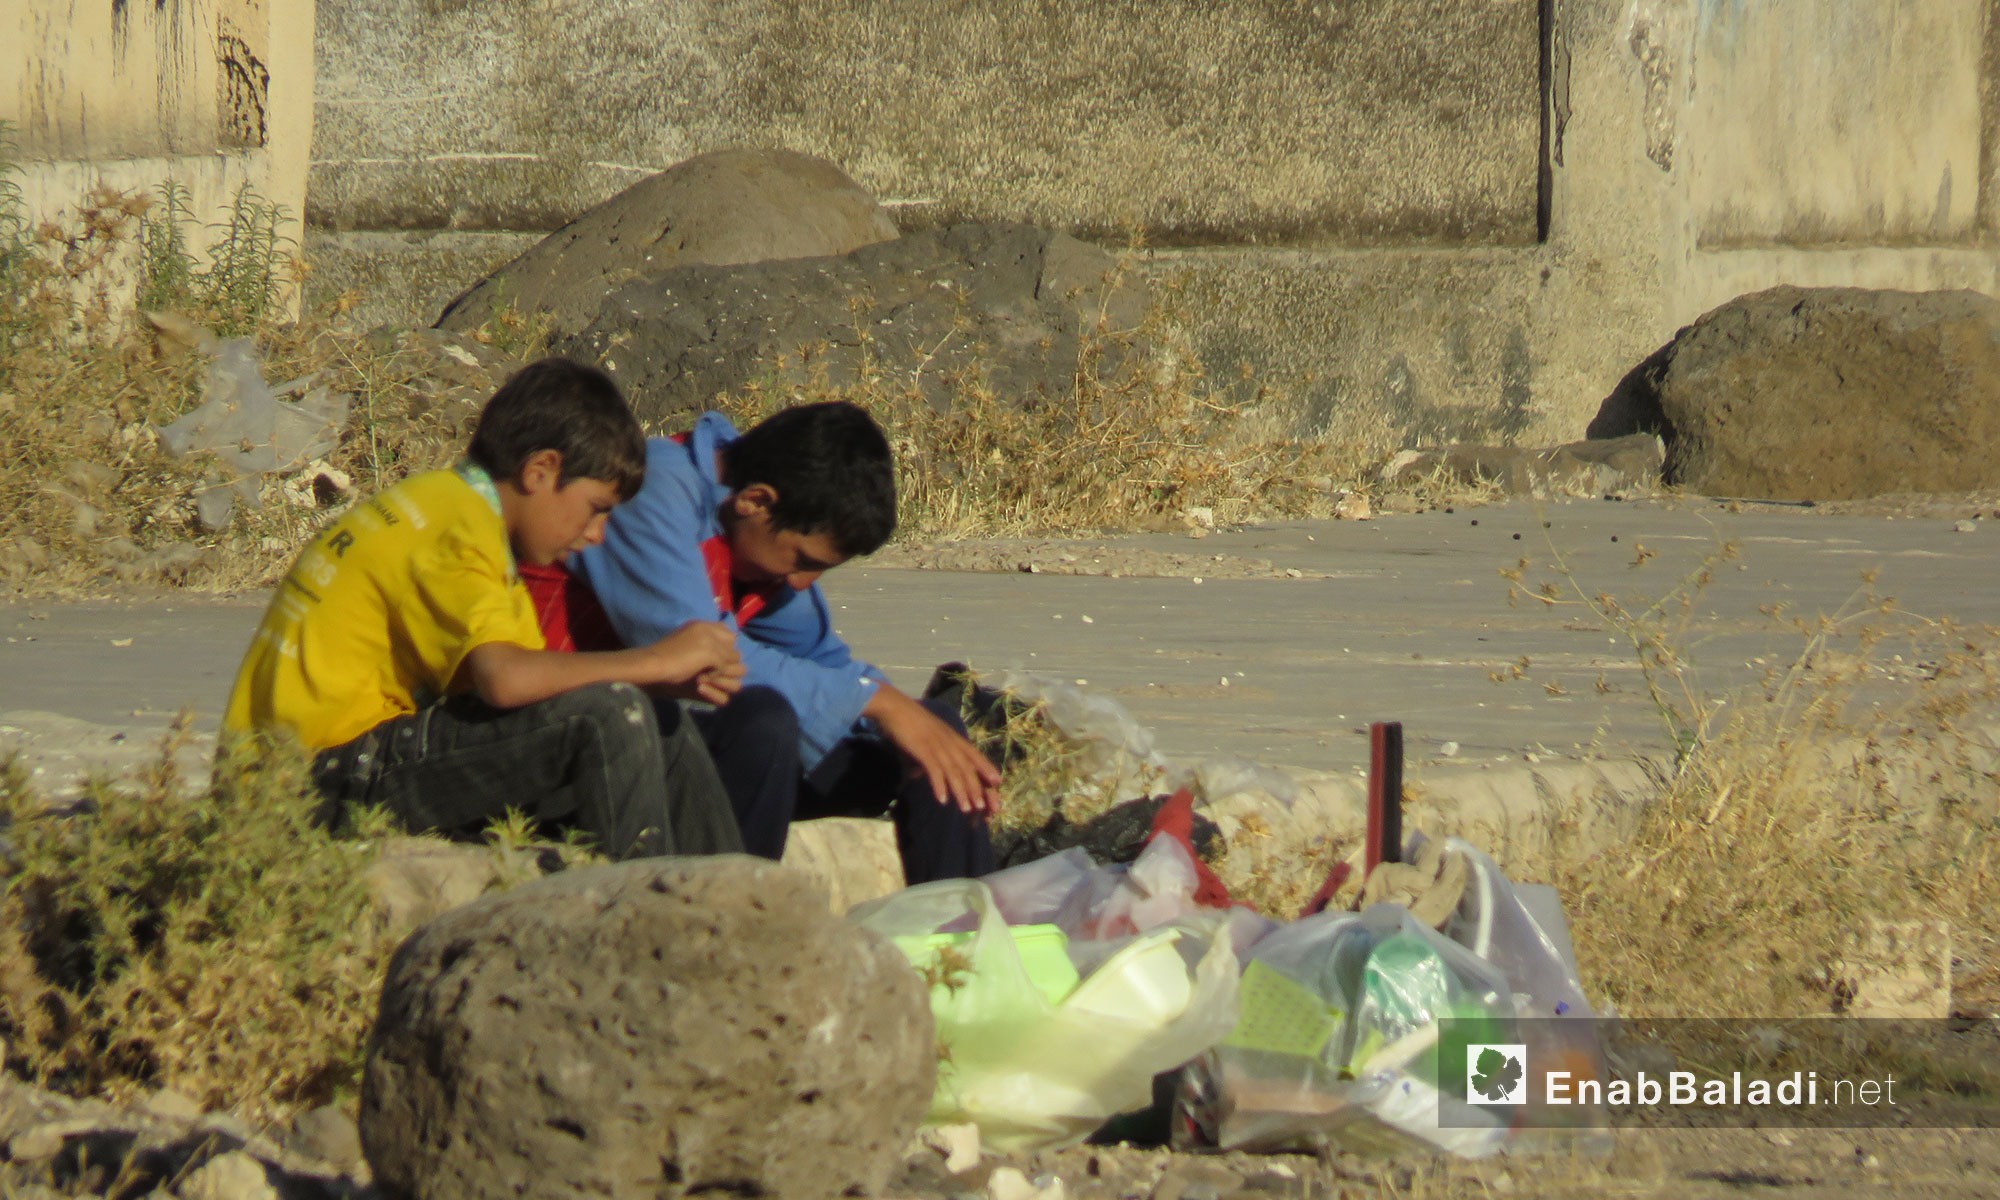 أطفال يجلسون على قارعة الطريق في أحد أحياء الحولة بريف حمص - 25 تموز 2017 (عنب بلدي)